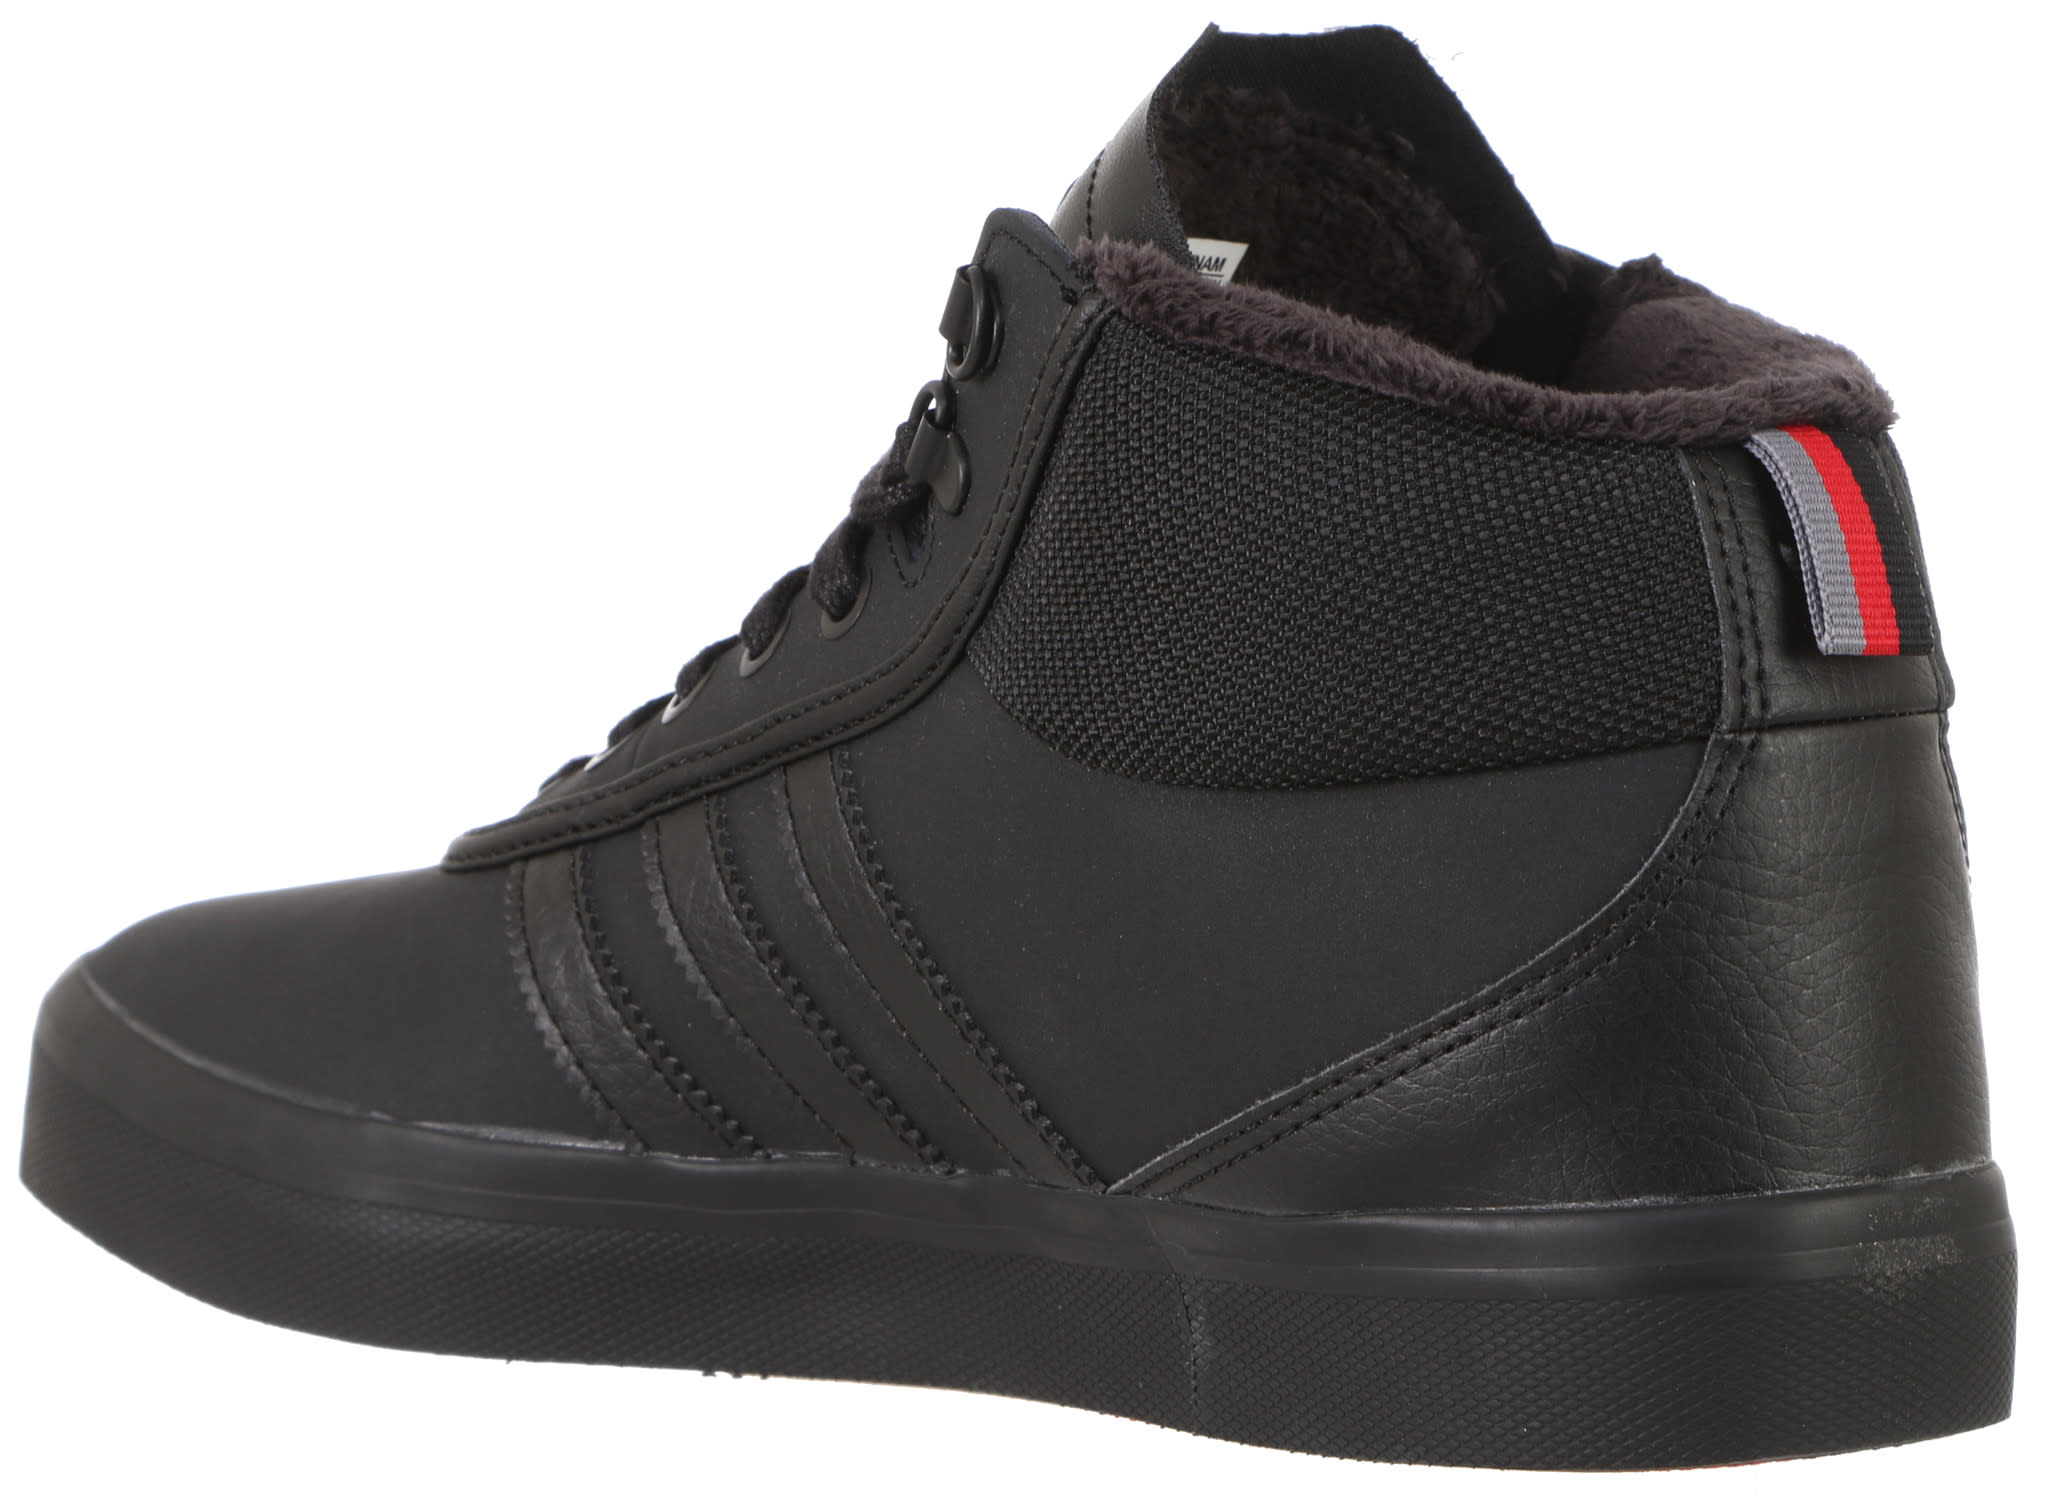 purchase cheap d3d13 0d7cc Adidas Adi-Trek x CAPiTA Skate Shoes - thumbnail 3